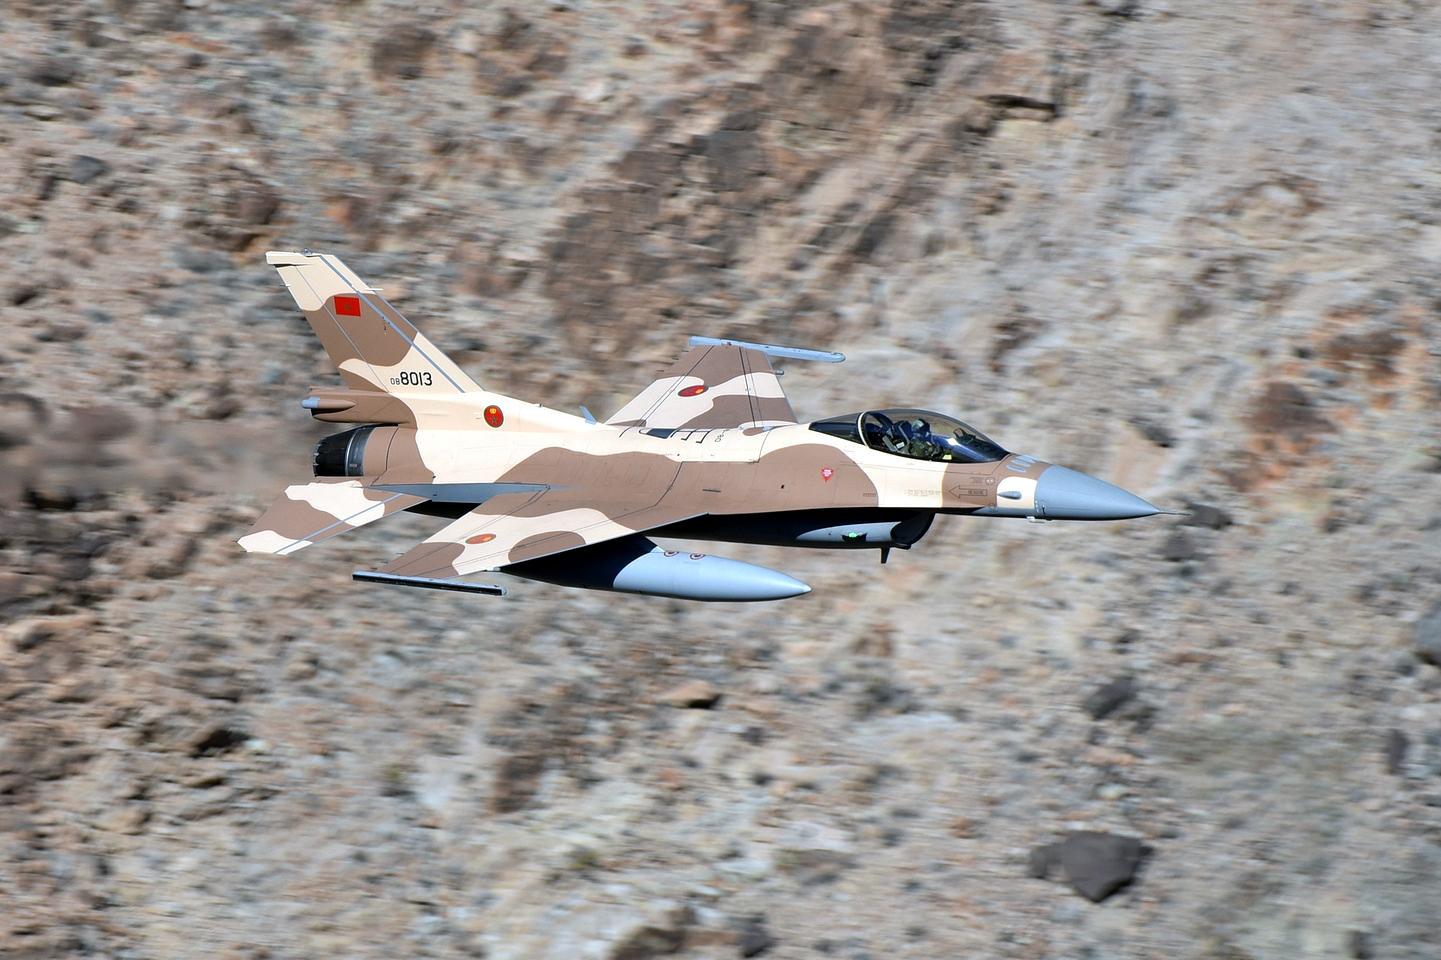 القوات الجوية الملكية المغربية - متجدد - - صفحة 2 15121603170168622